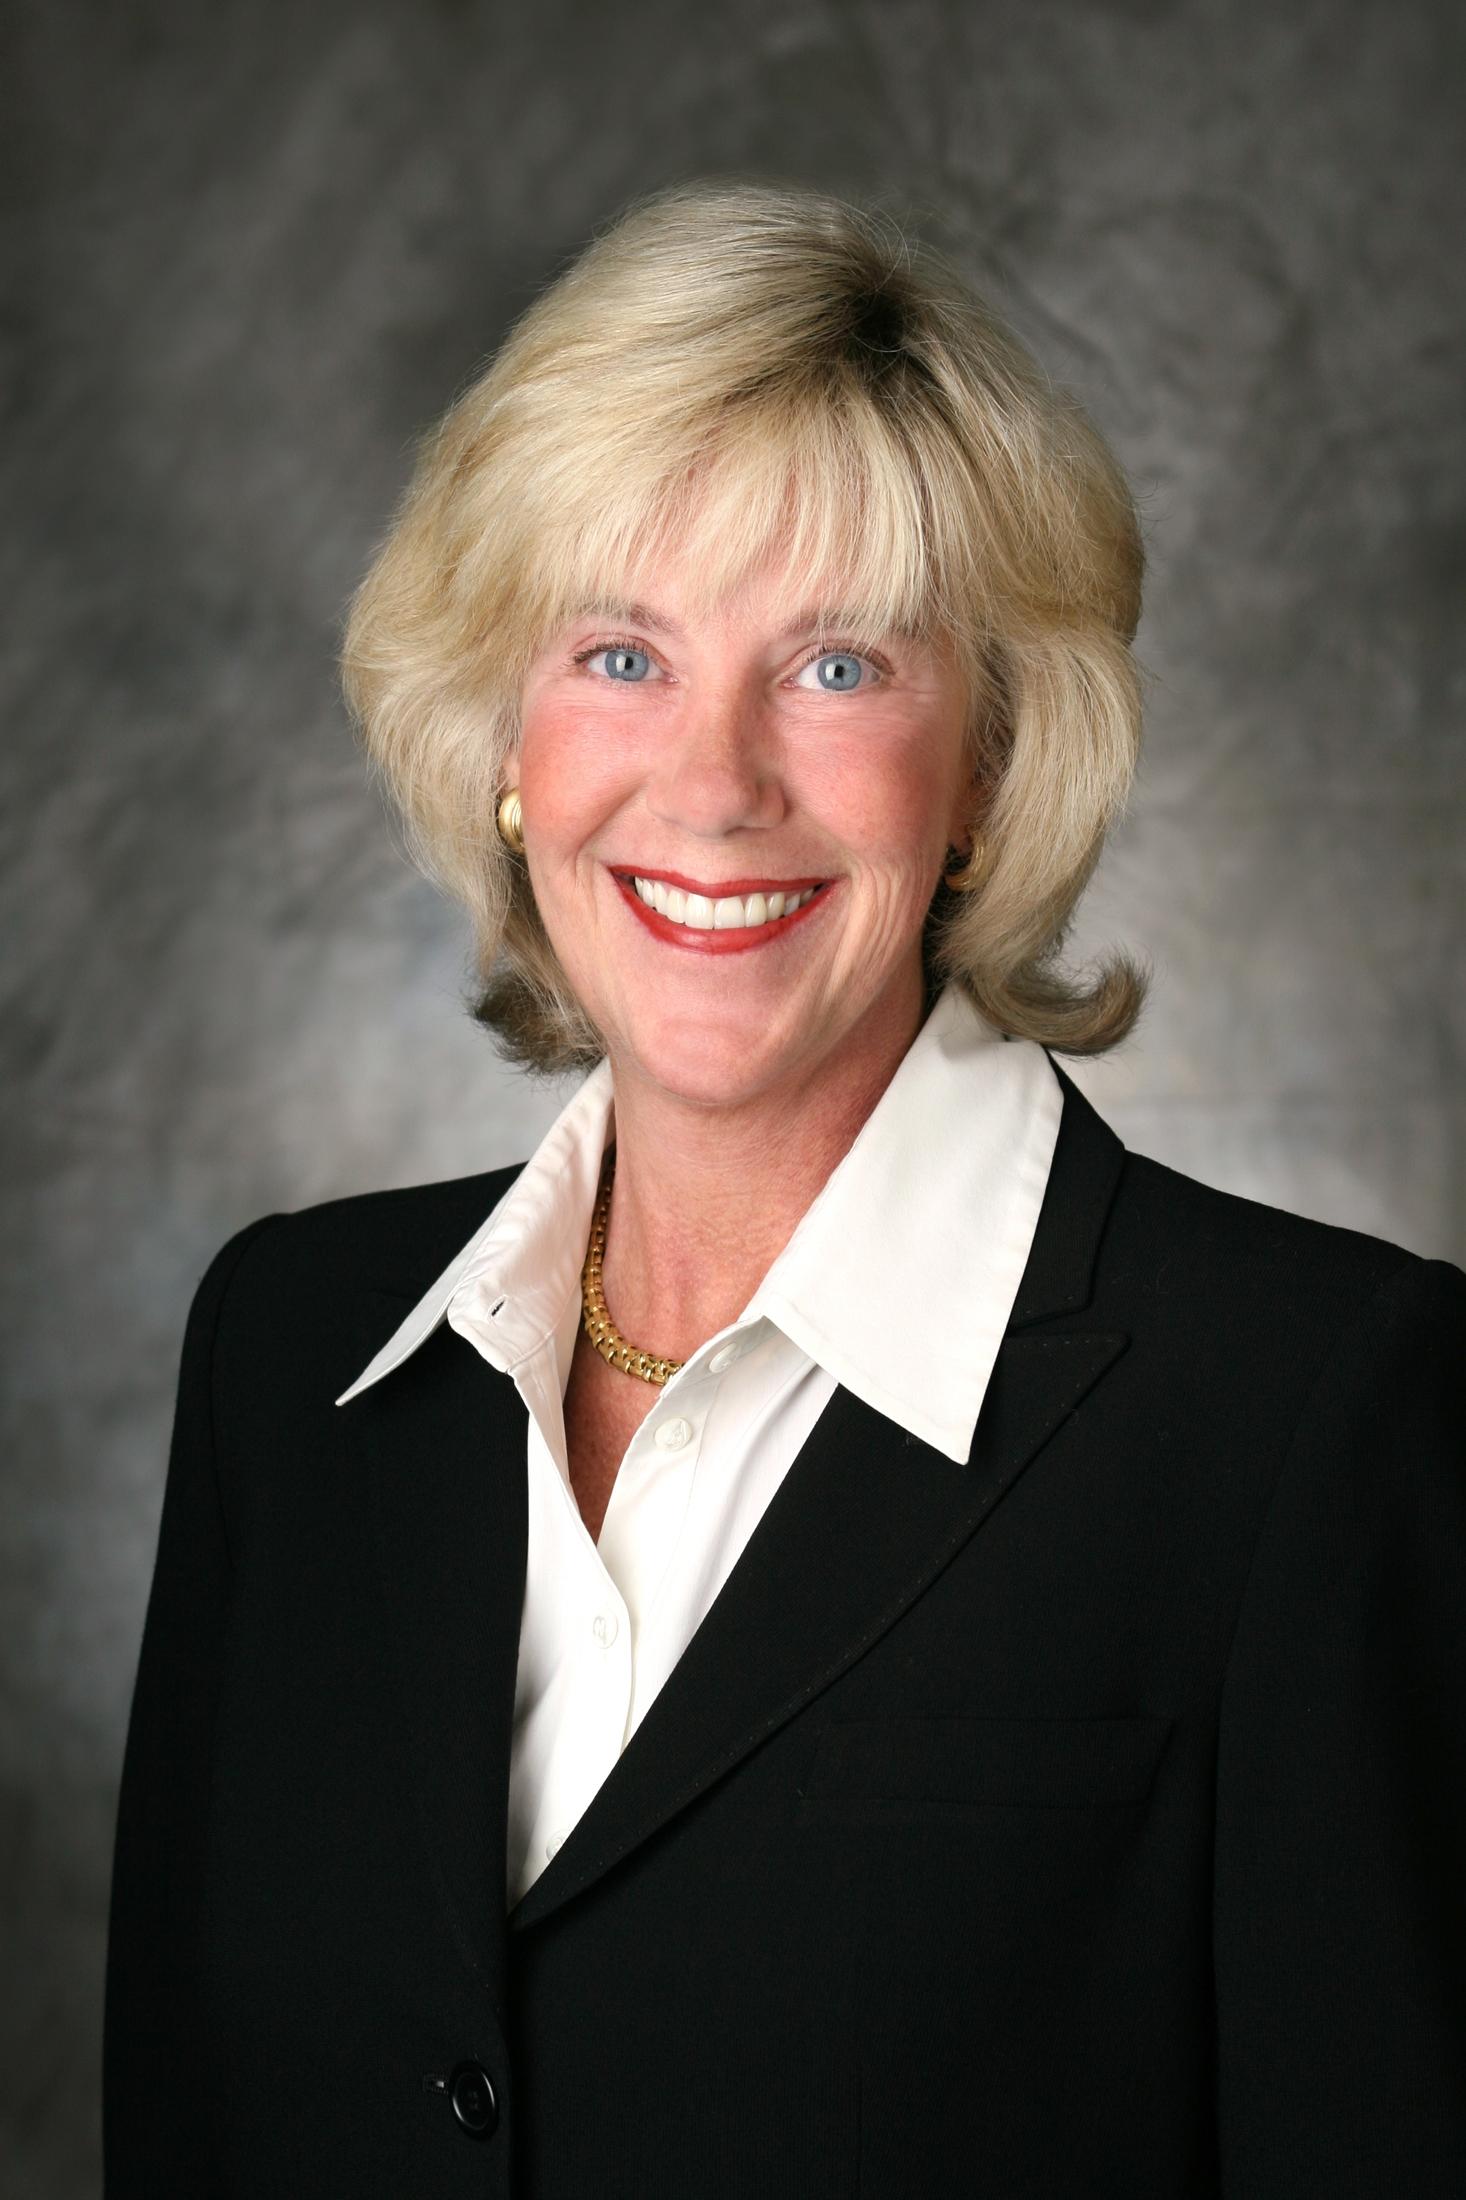 Marsha Powers